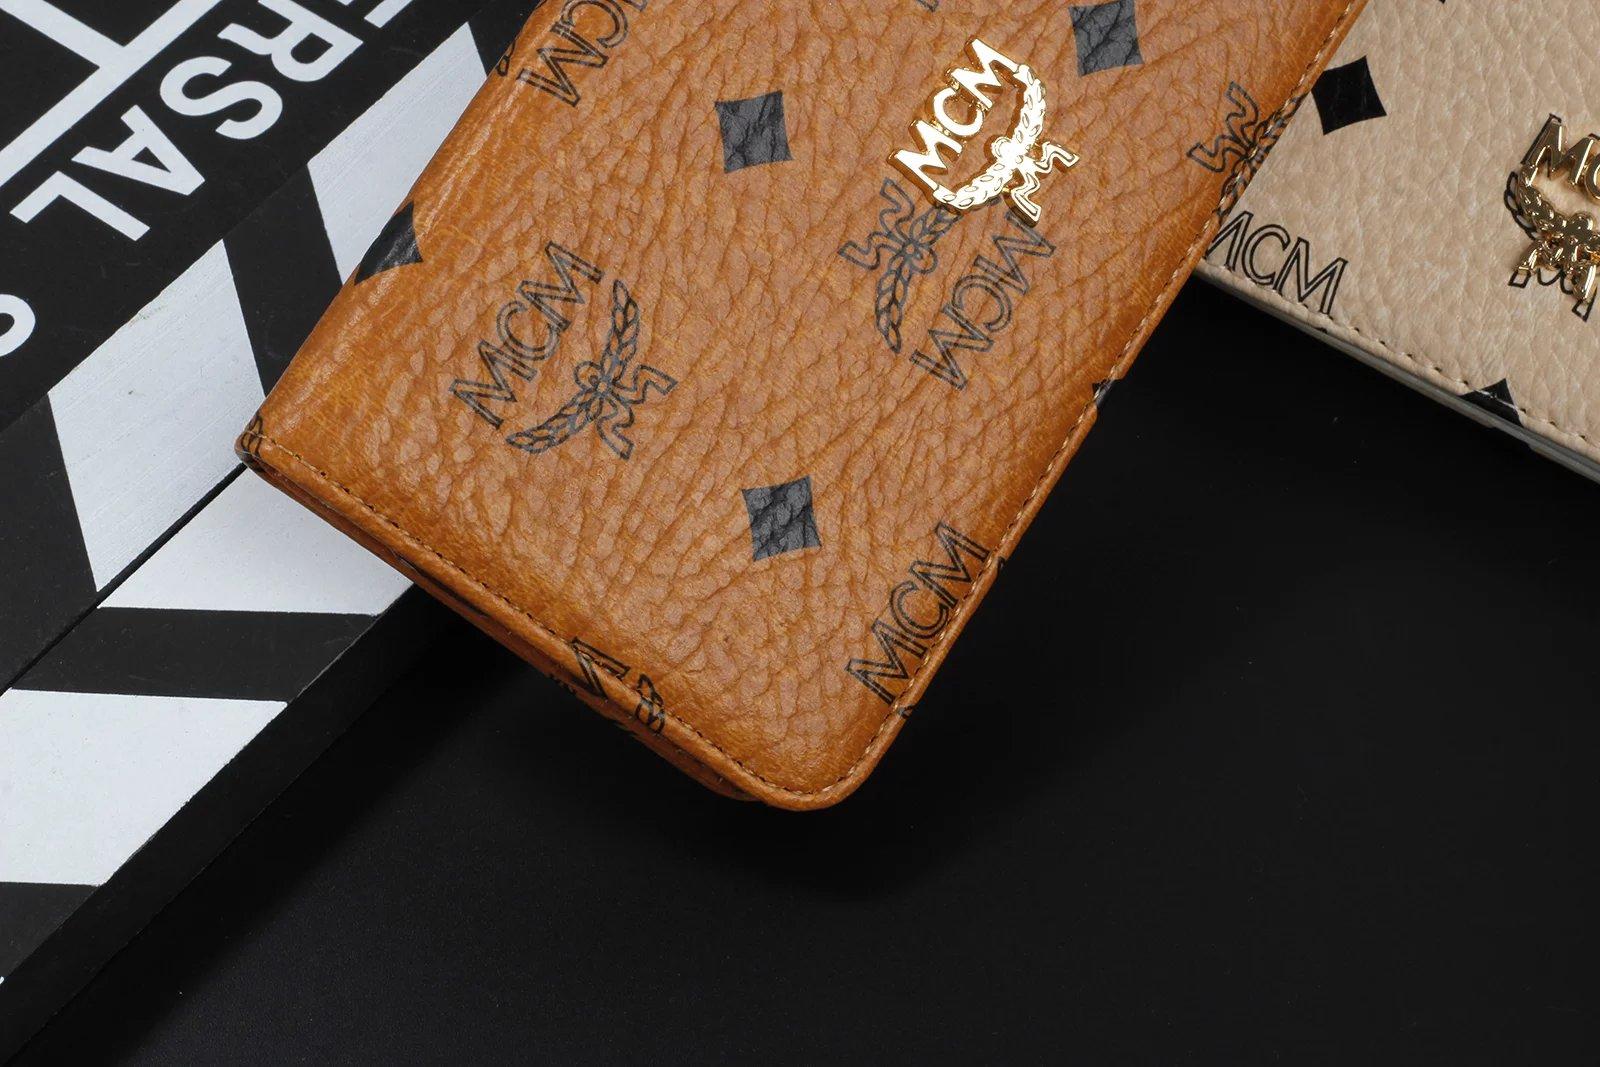 iphone 6 Plus designer covers designer iphone 6 Plus cases fashion iphone6 plus case custom case phone official apple iphone 6 case iphone 6 mah iphone cover designer mophie phone case iphone 6 iphone 6 plus case designer